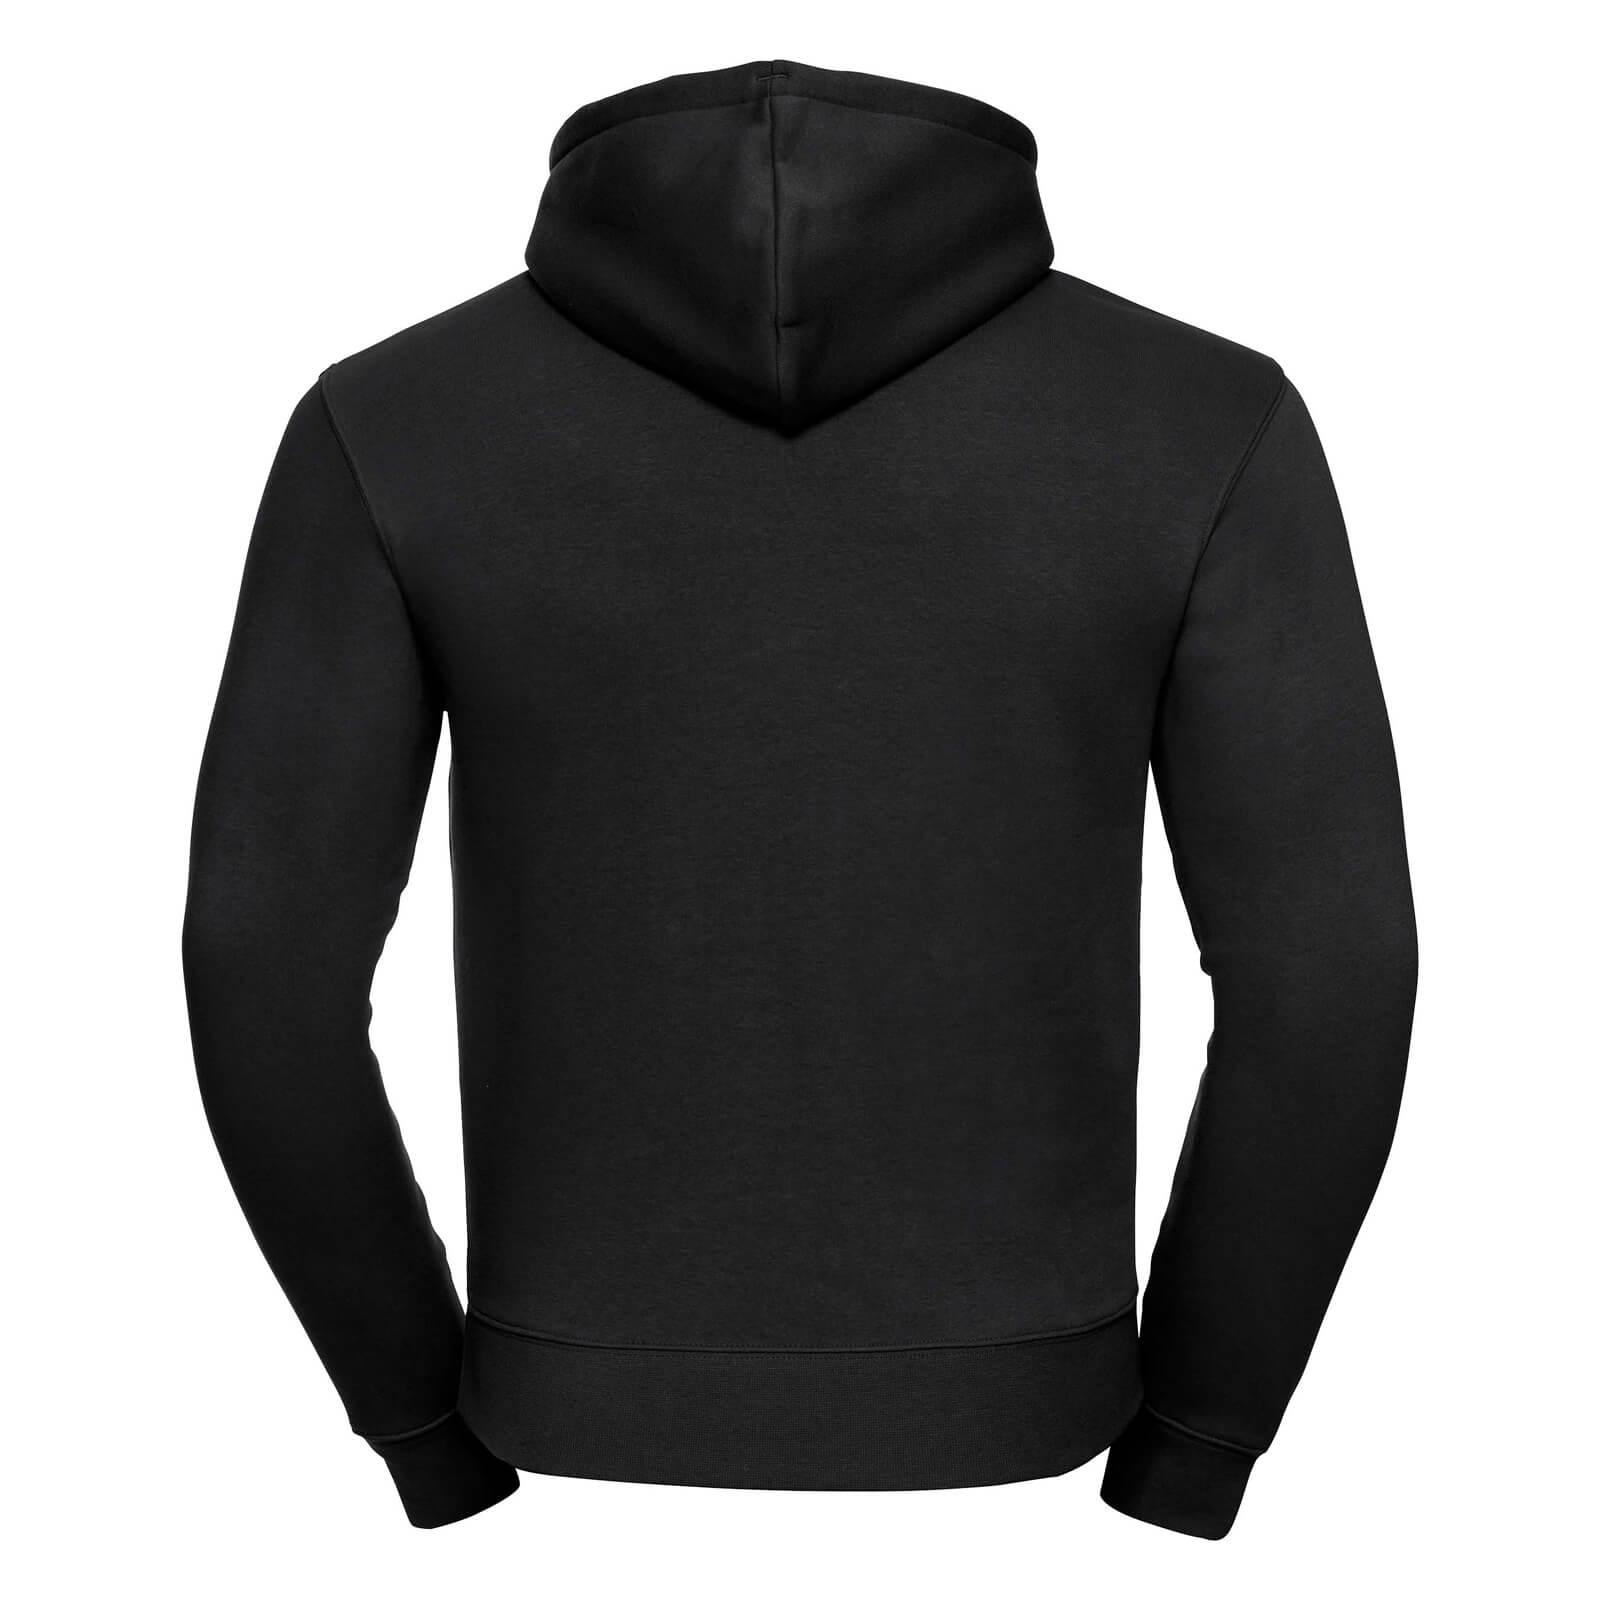 Pánská mikina s kapucí Authentic Hooded Sweatshirt